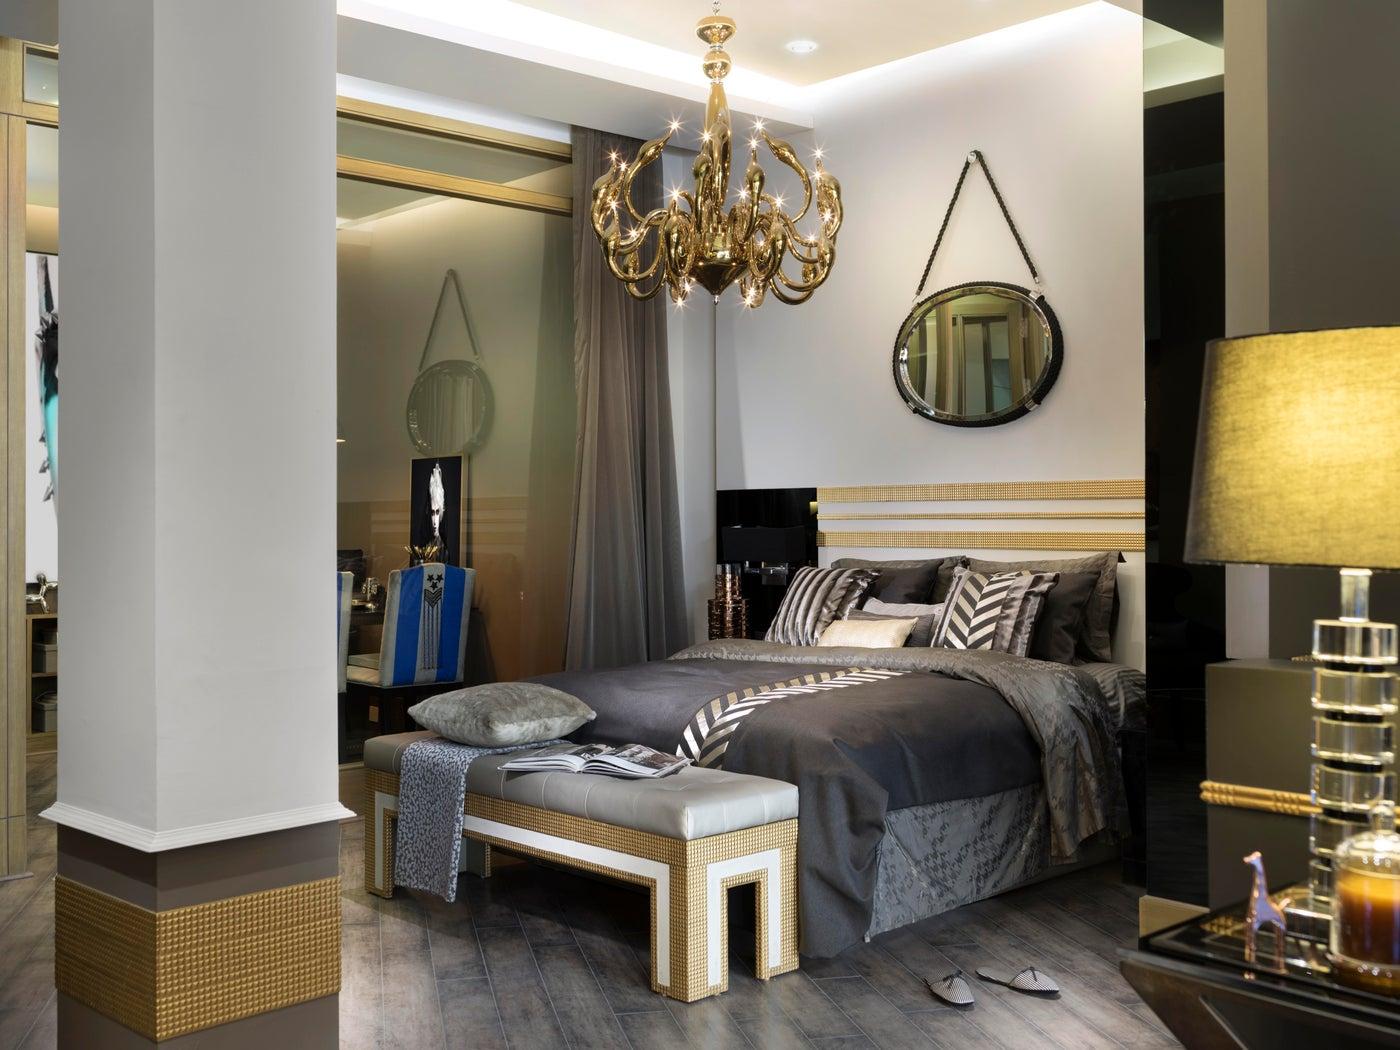 Eclectic Office / Design Studio / Bespoke Bedlinen